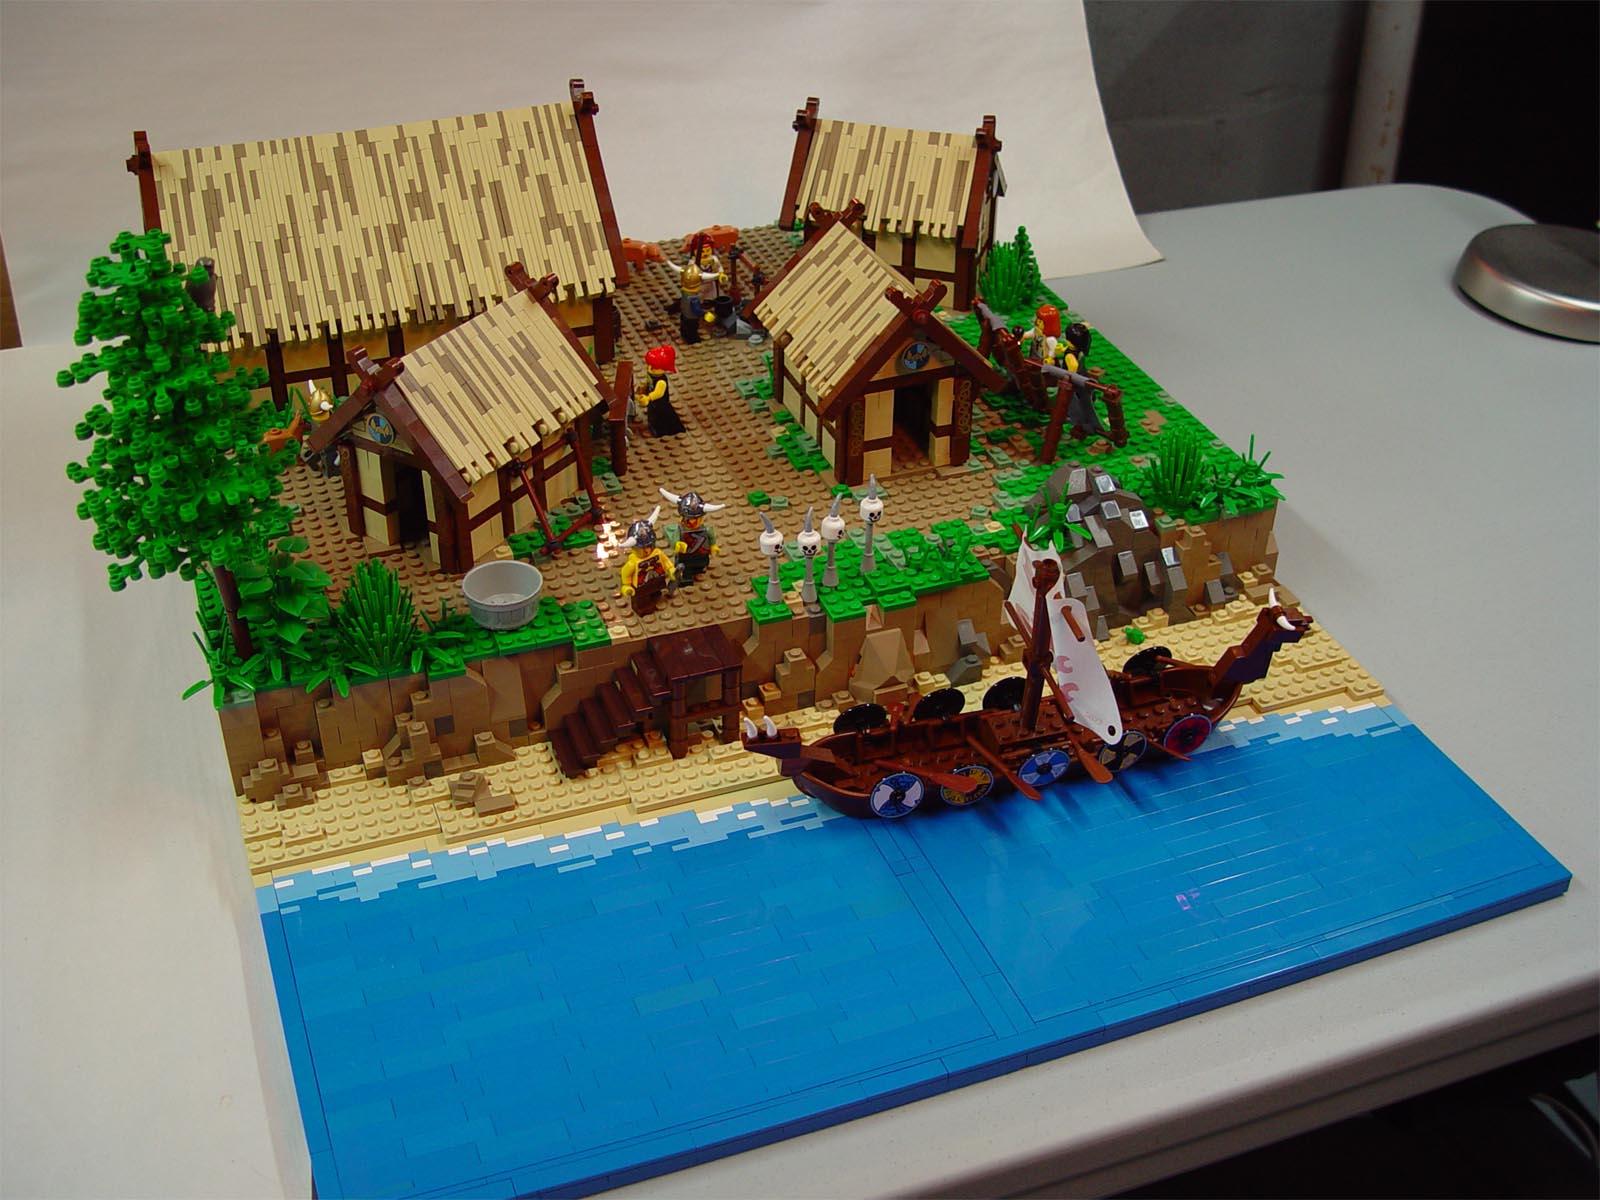 NOVA Online | The Vikings | Explore a Viking Village